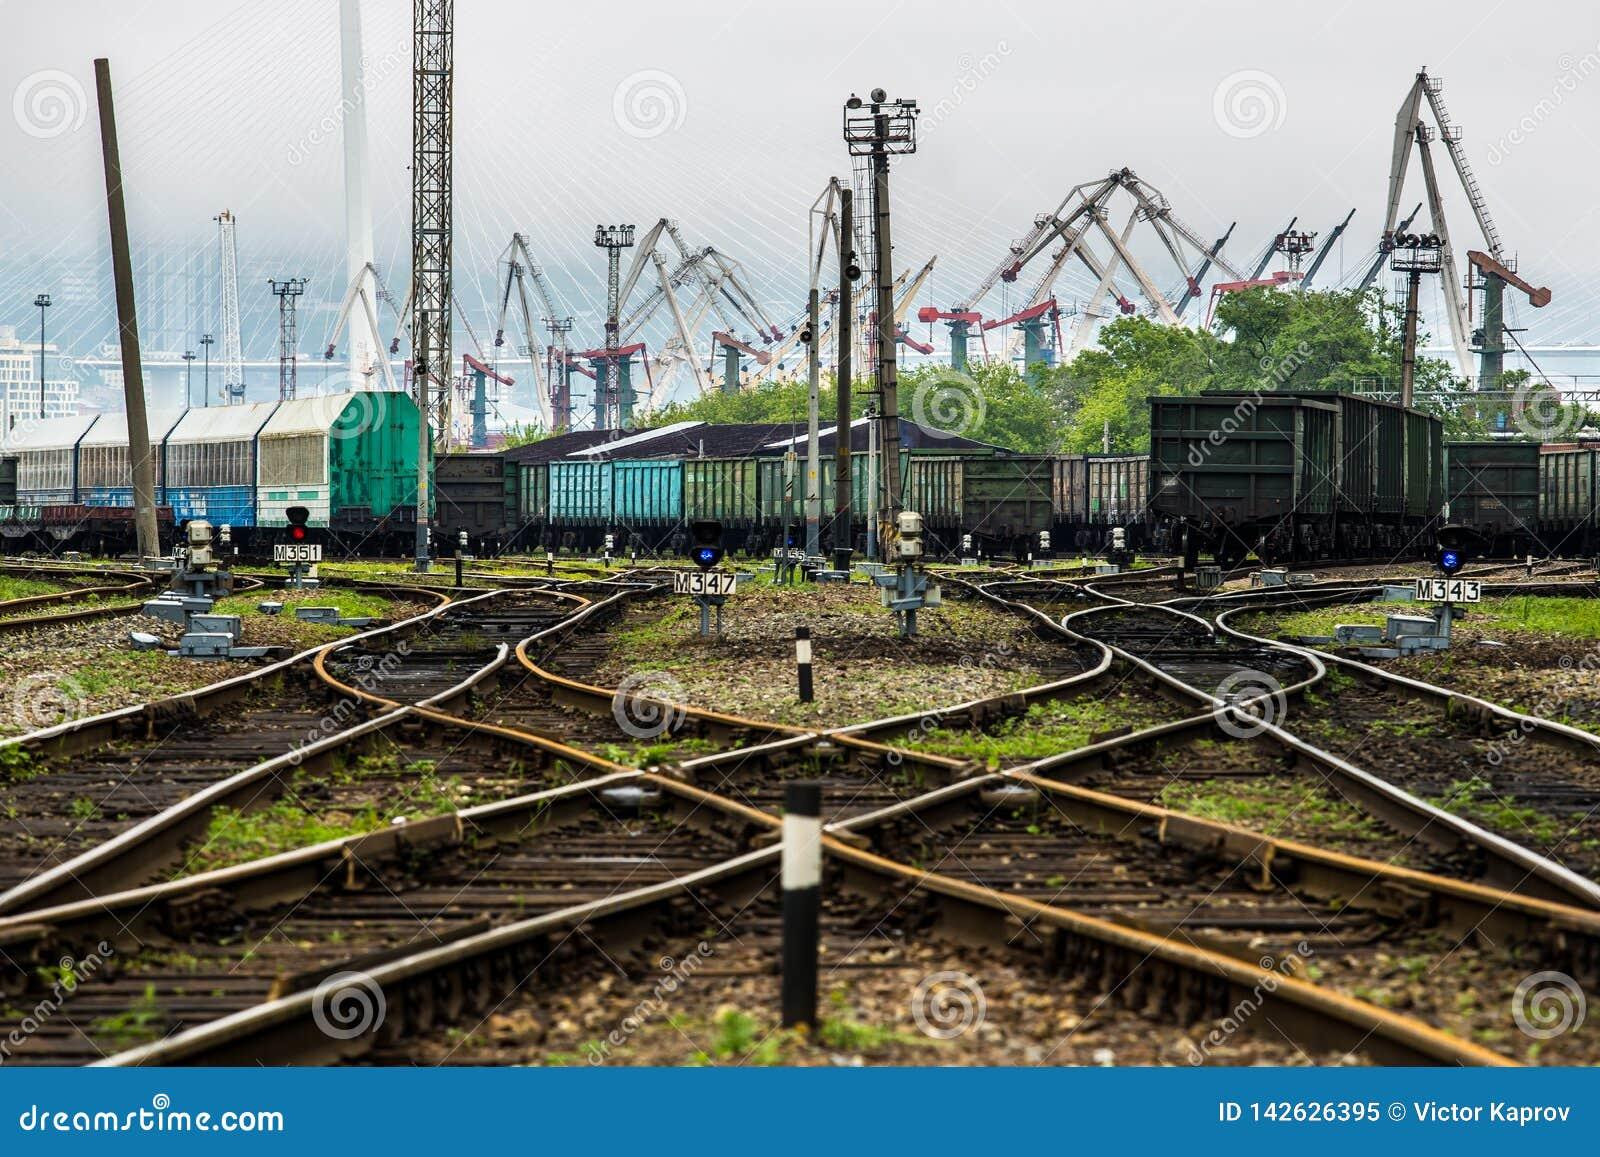 Pistas ferroviarias y el puerto en el fondo